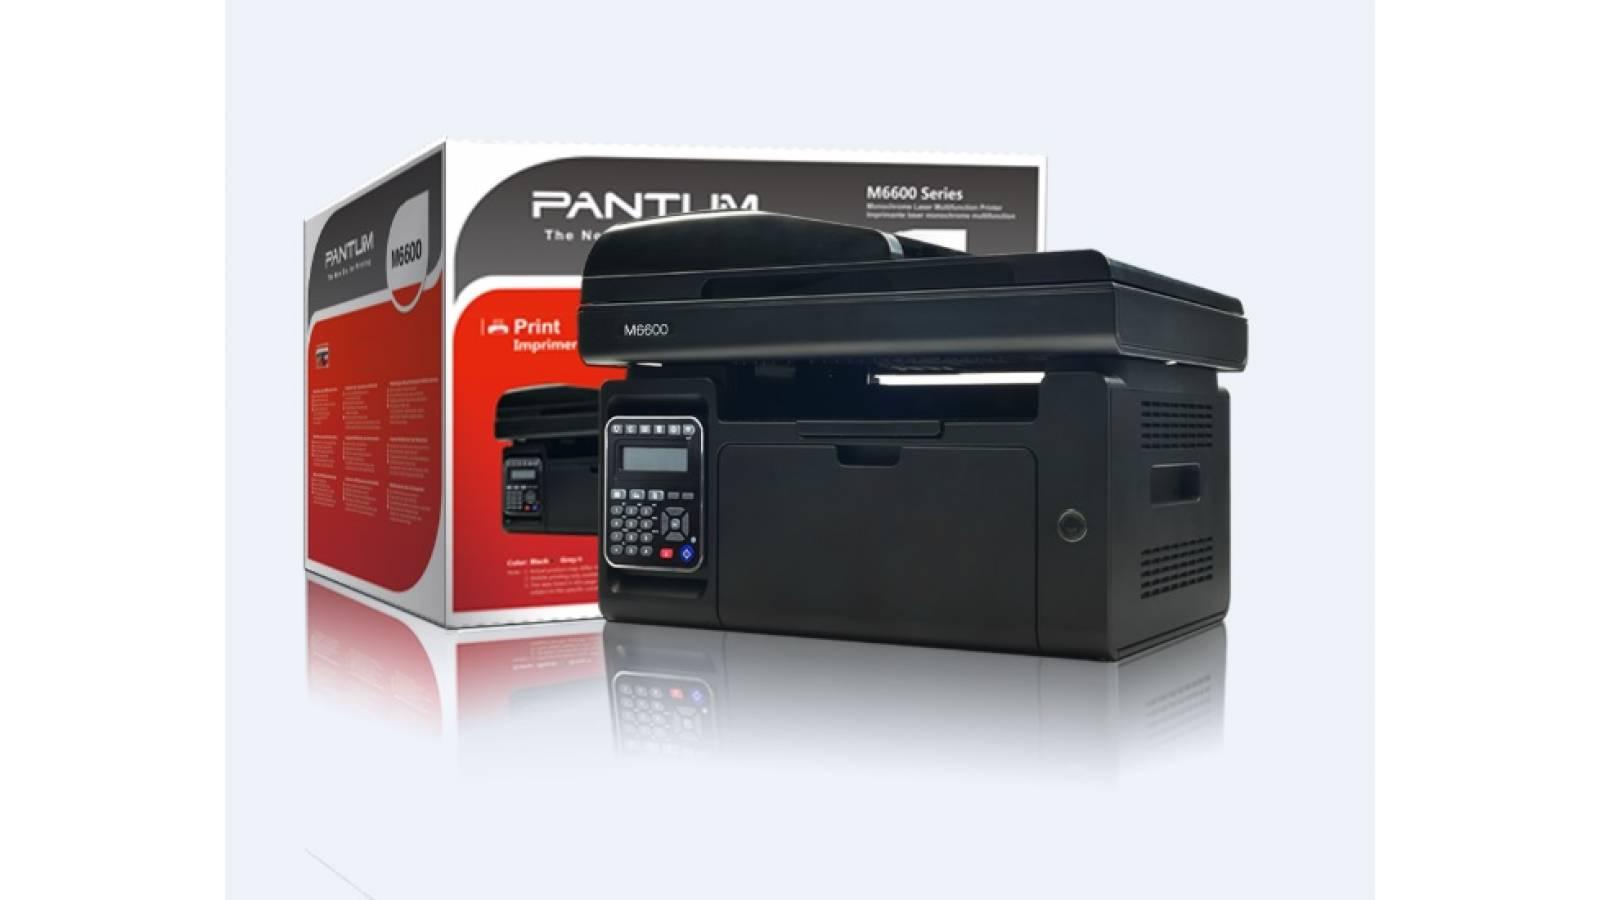 Multifuncional láser monocromática Pantum M6600NW con fax/ teléfono.